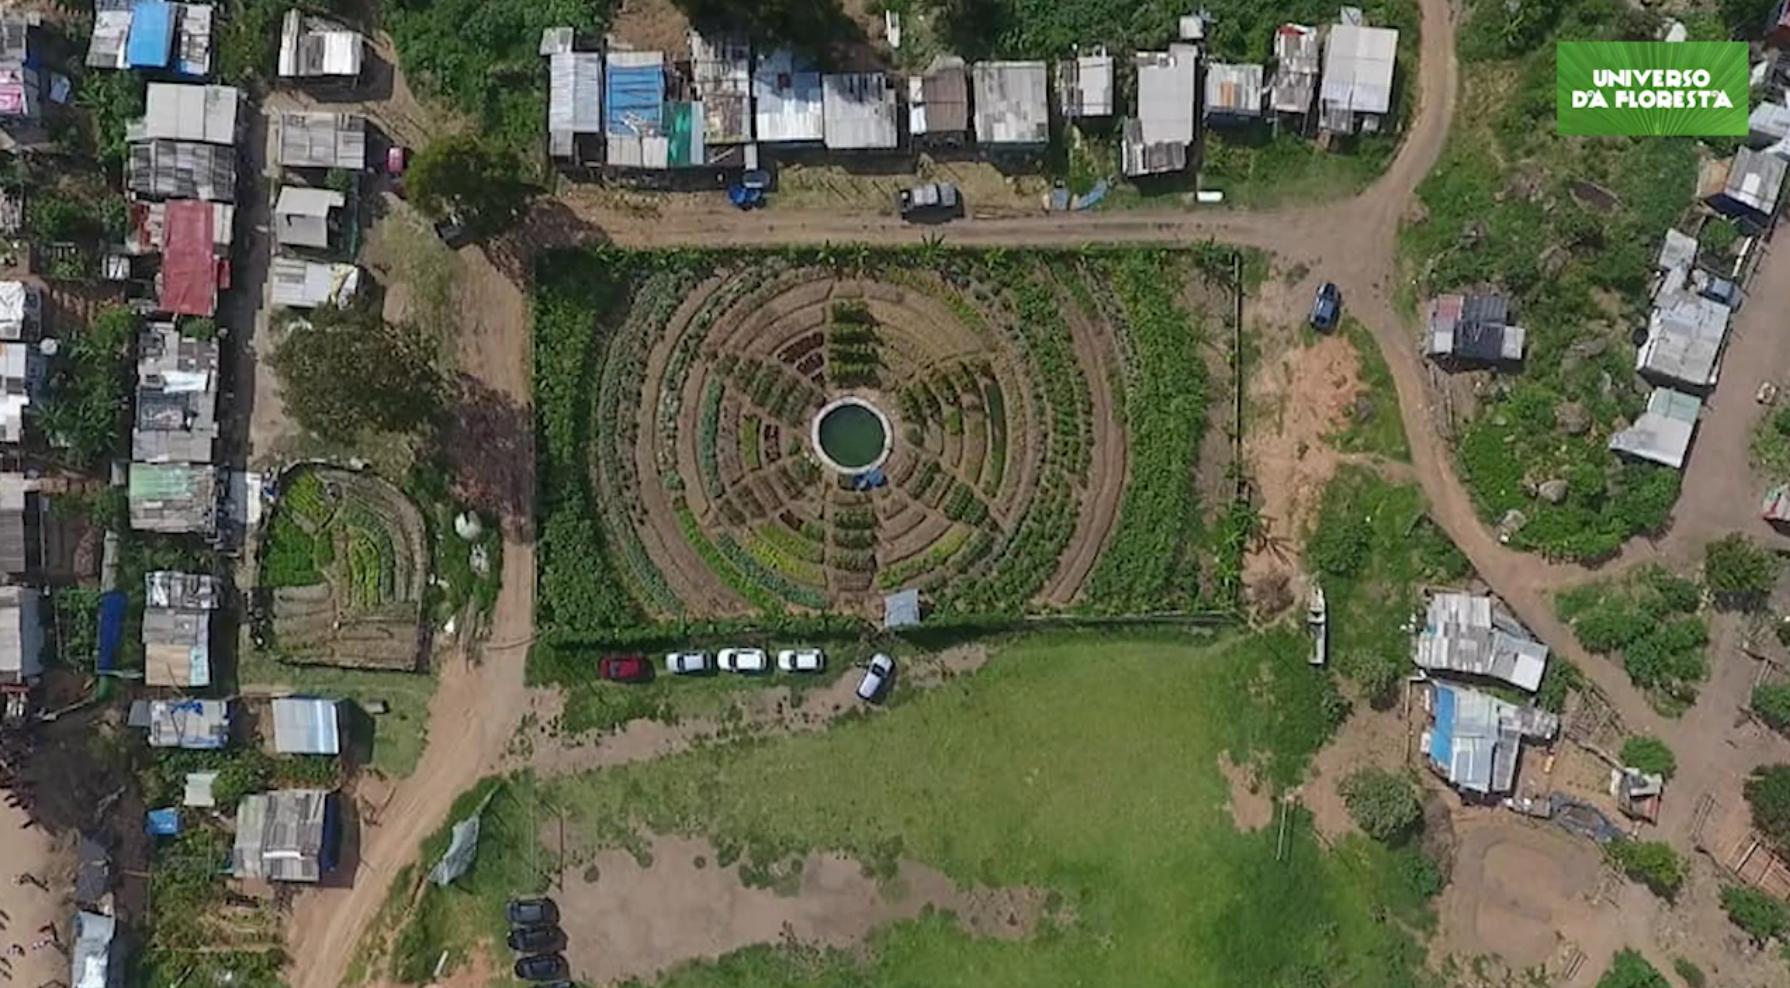 2020 07 07 5 - Campo de futebol vira horta orgânica para alimentar mais de mil famílias